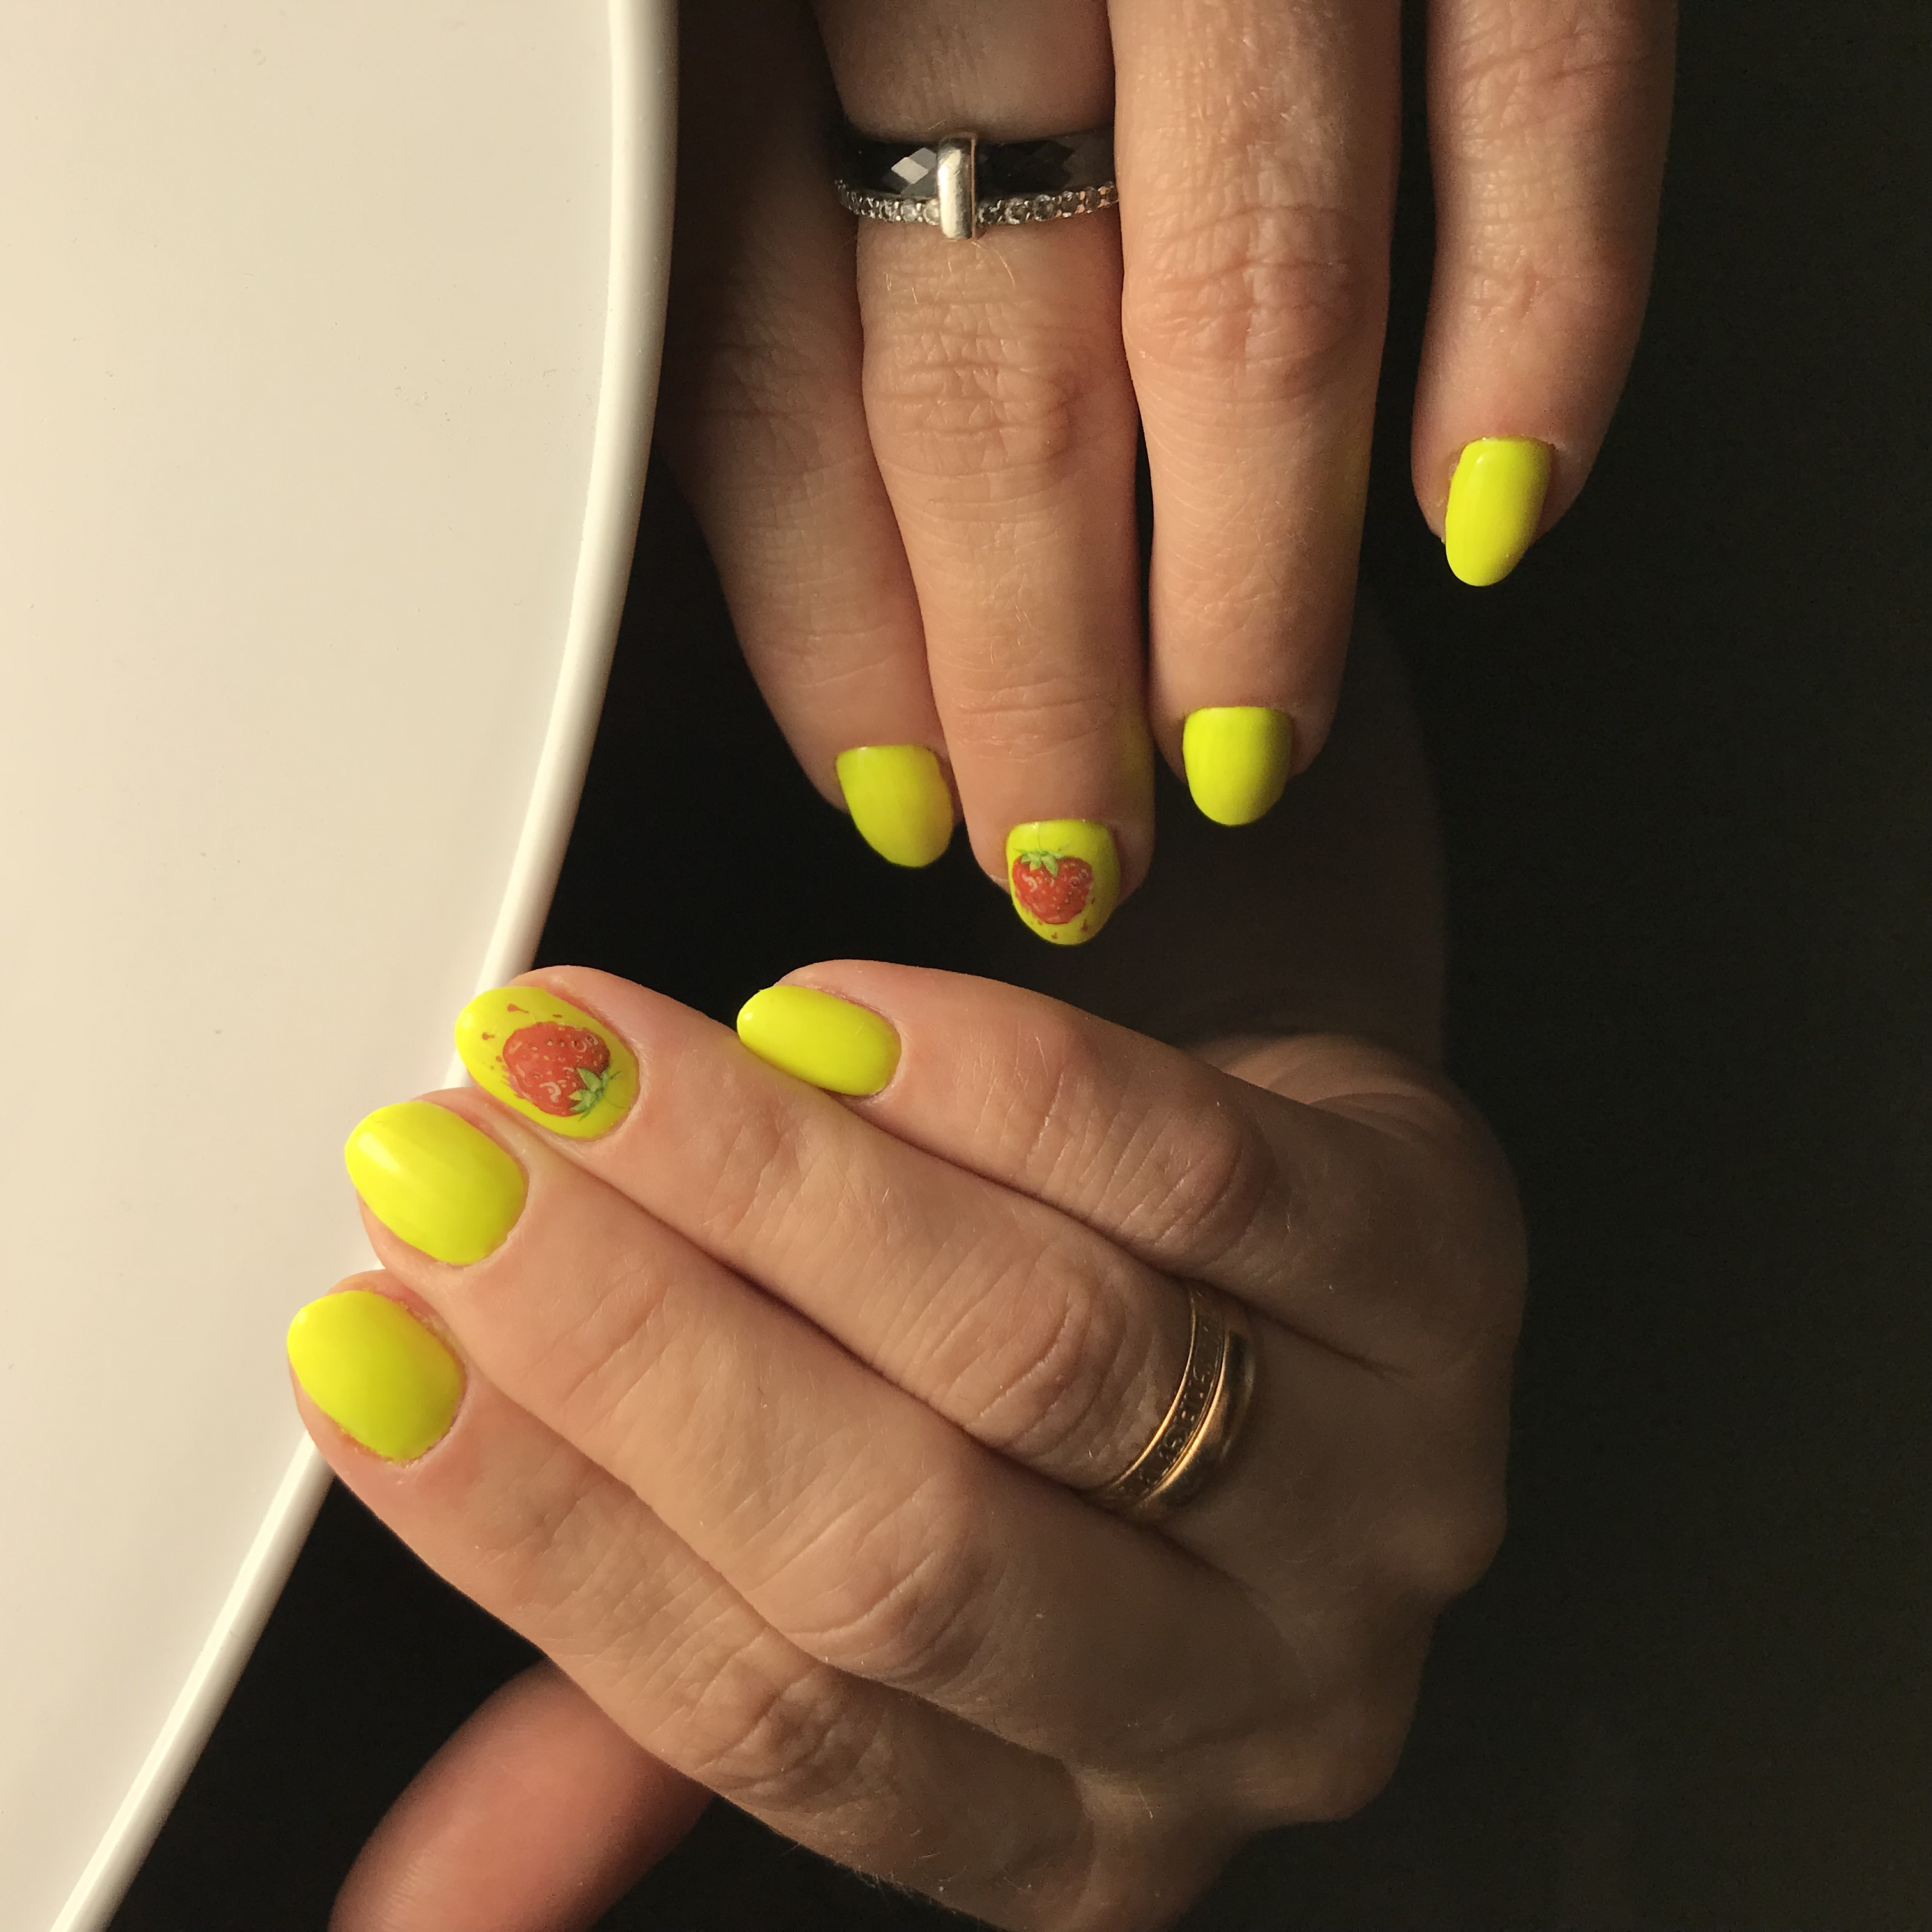 Маникюр с клубникой в желтом цвете на короткие ногти.